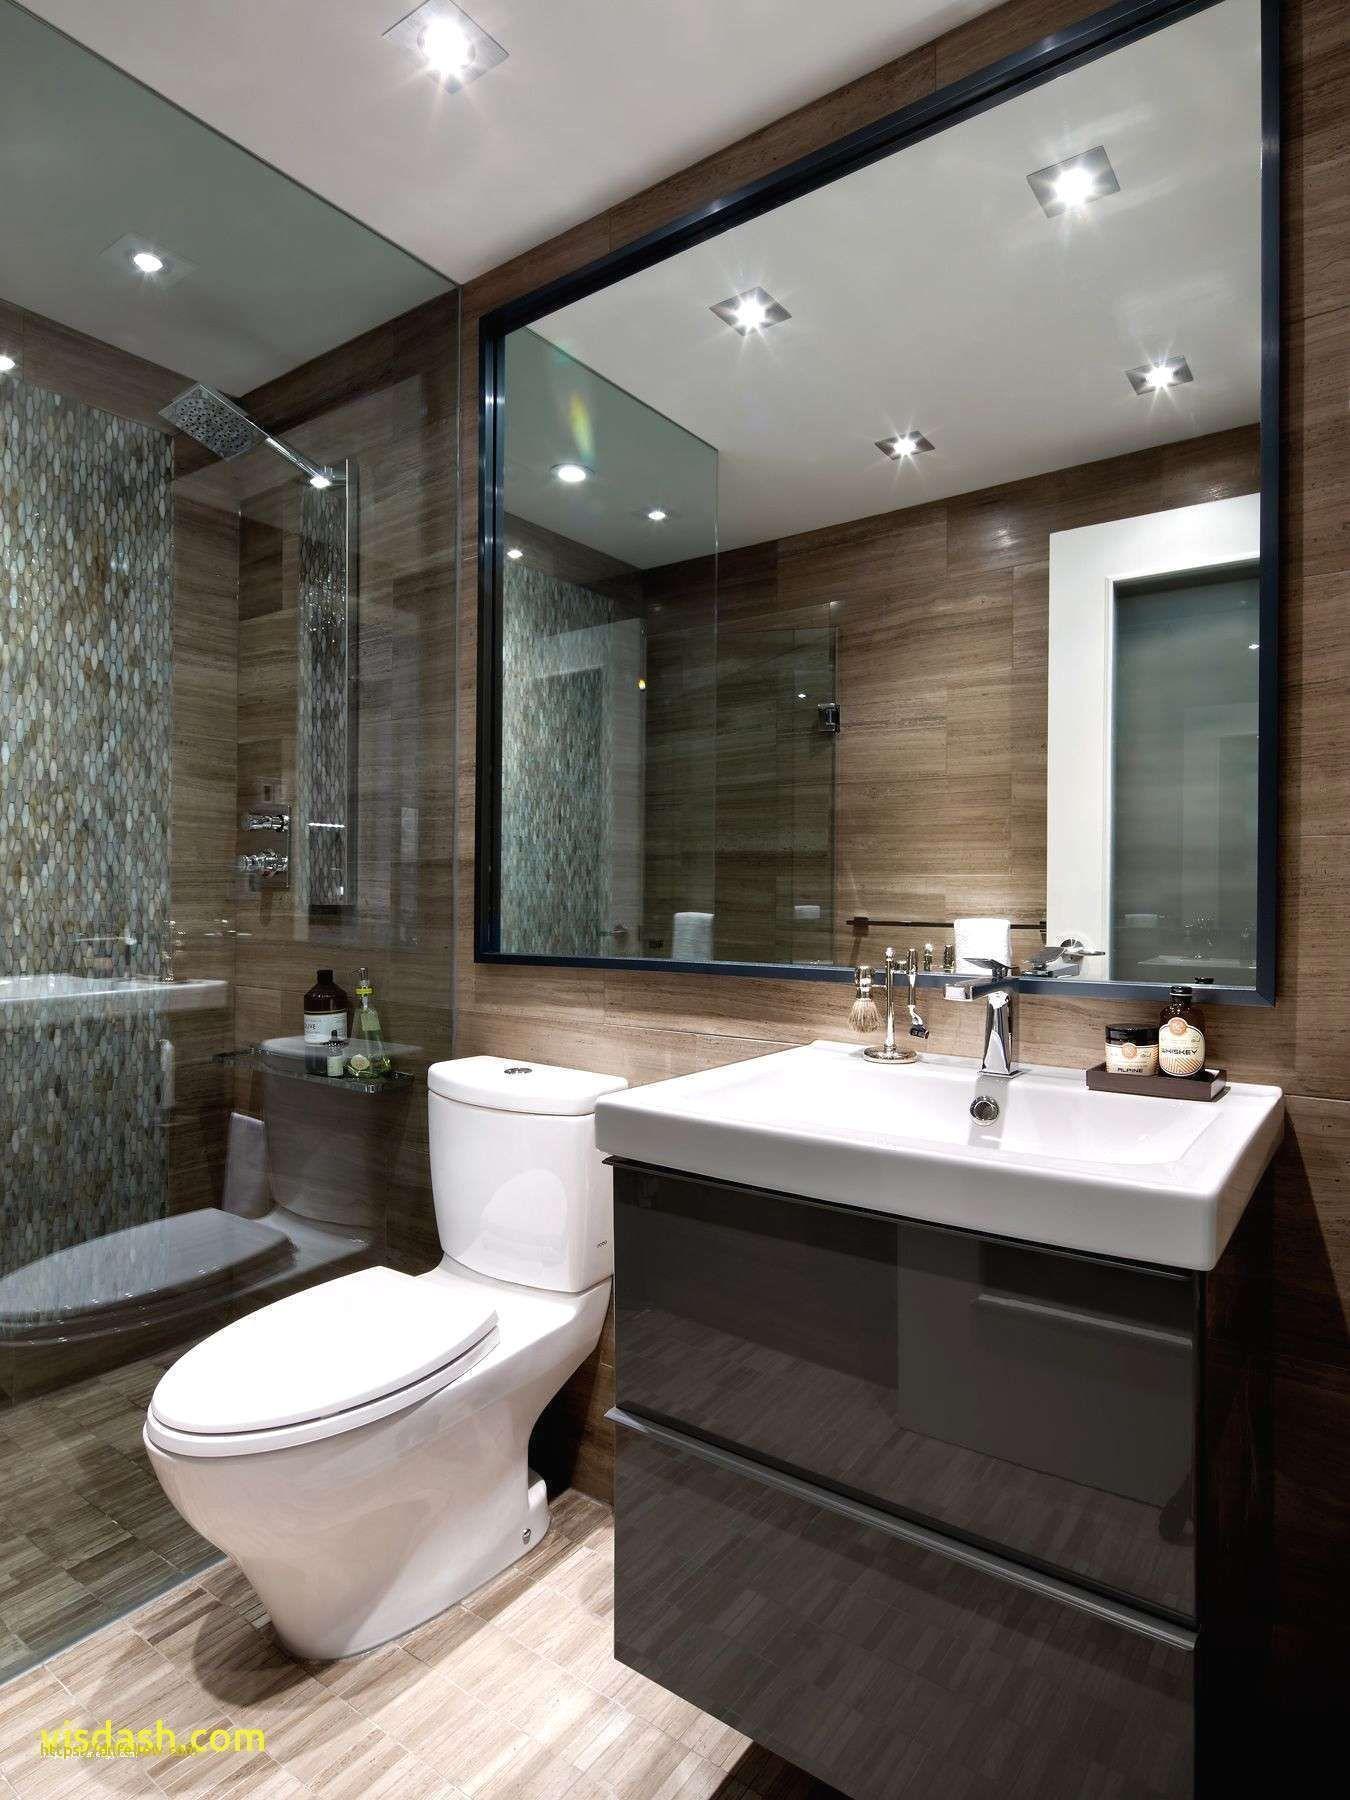 X Bathroom Design on 7 x 9 bathroom design, 9 x 11 bathroom design, 12 x 10 bathroom design, 6 x 11 bathroom design, 7 x 7 bathroom design, 4 x 5 bathroom design, 7 x 8 bathroom design, 14 x 10 bathroom design, joanna gaines bathroom design, 12 x 9 bathroom design, hgtv bathroom design, 5 x 10 bathroom design, 12 x 12 bathroom design, 6 x 10 bathroom design, 7 x 12 bathroom design, 3 x 6 bathroom design, 8 x 11 bathroom design, 6 x 9 bathroom design, 8 x 9 bathroom design, 11 x 12 bathroom design,